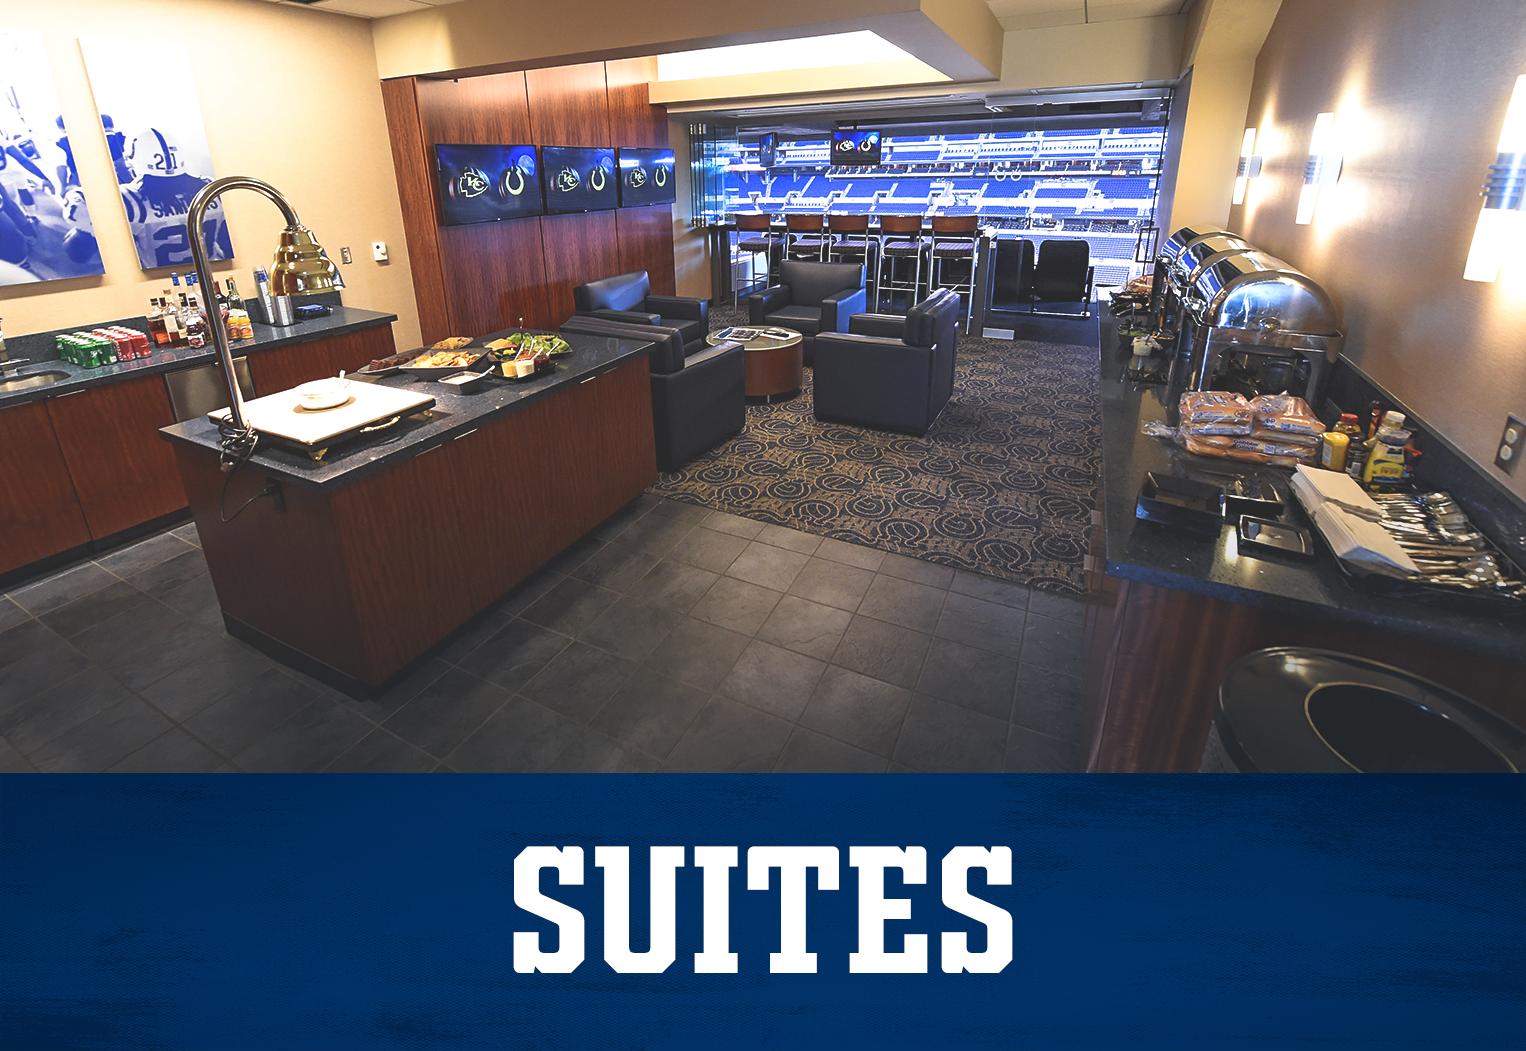 Indianapolis Colts Suites At Lucas Oil Stadium